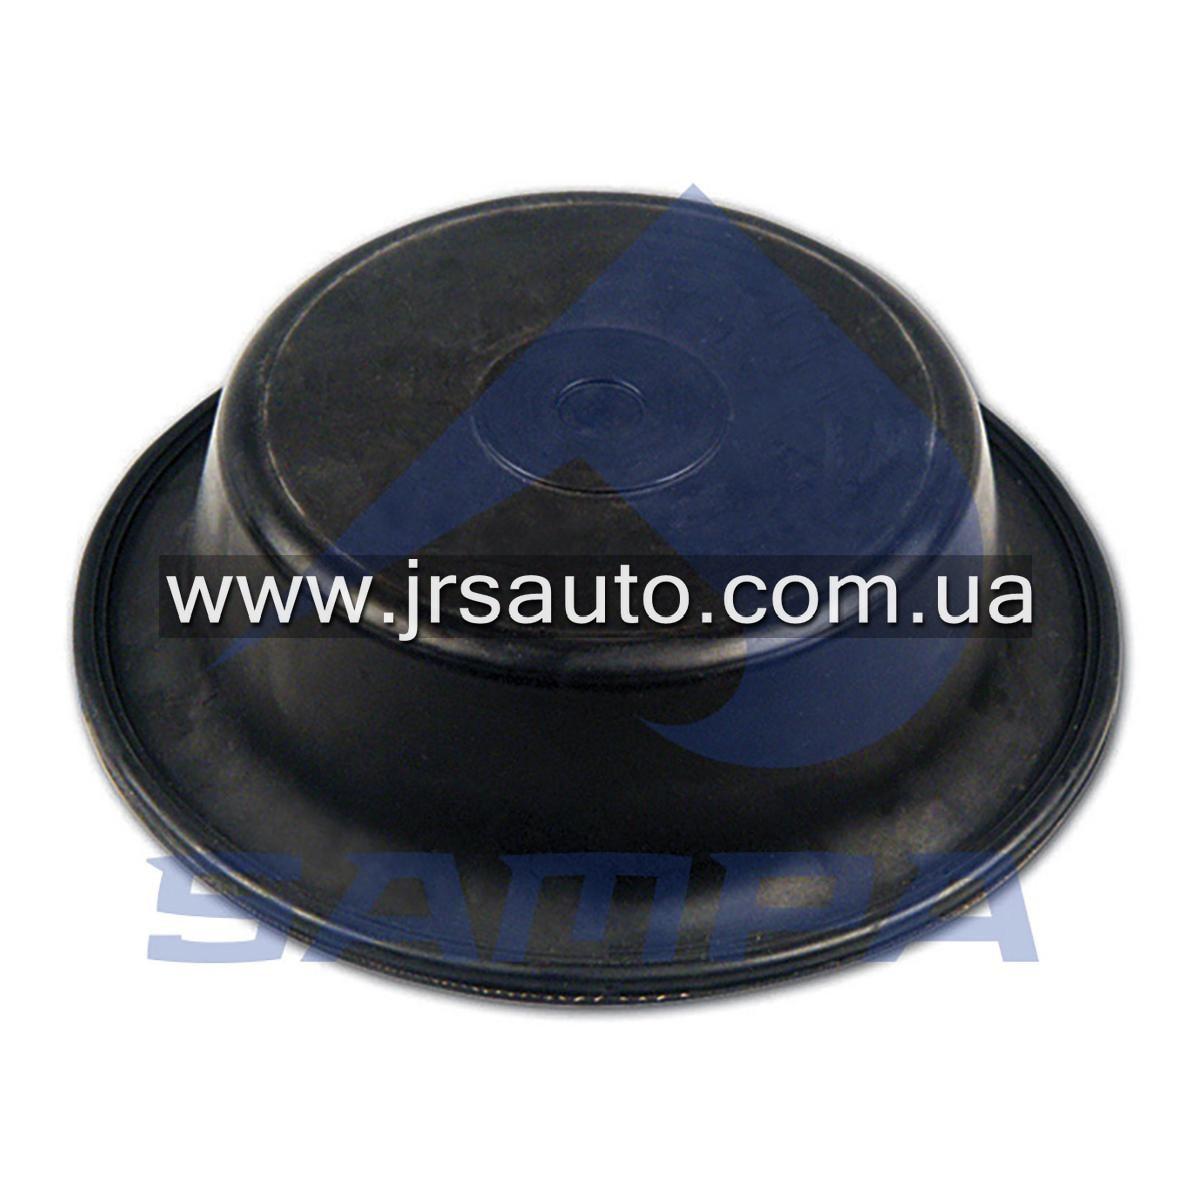 Мембрана камеры тормозной тип-16 (глубокая) \0004312028 \ 095.110